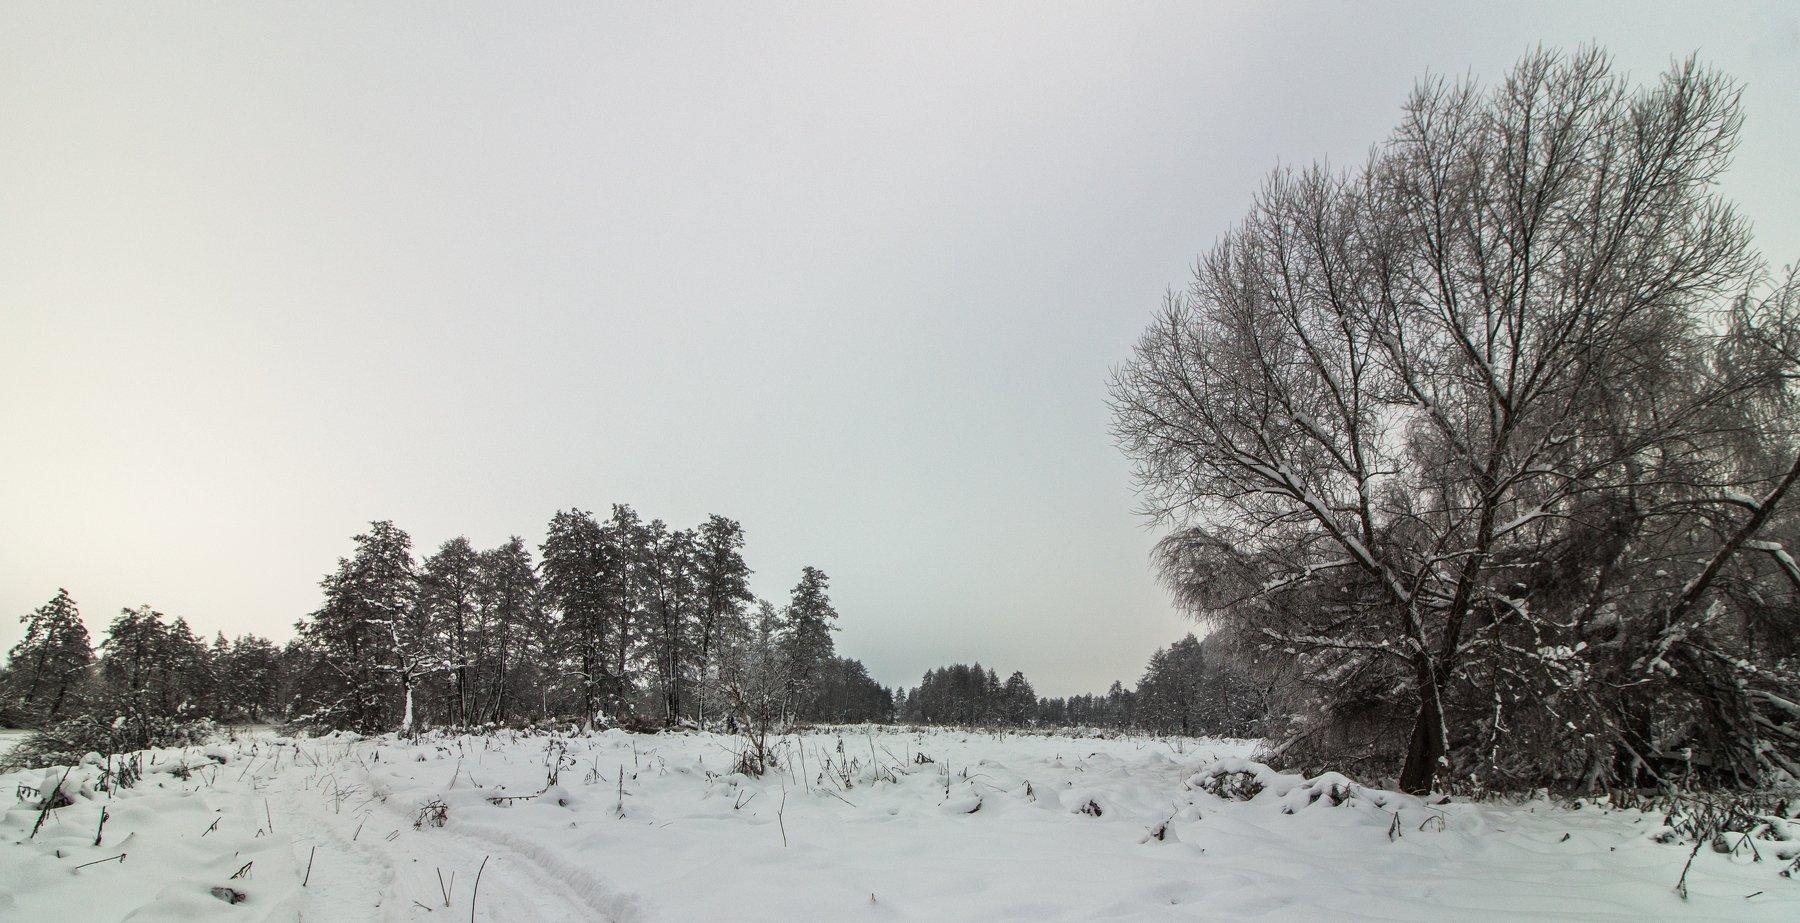 лес, зима, снег, деревья, Руслан Востриков